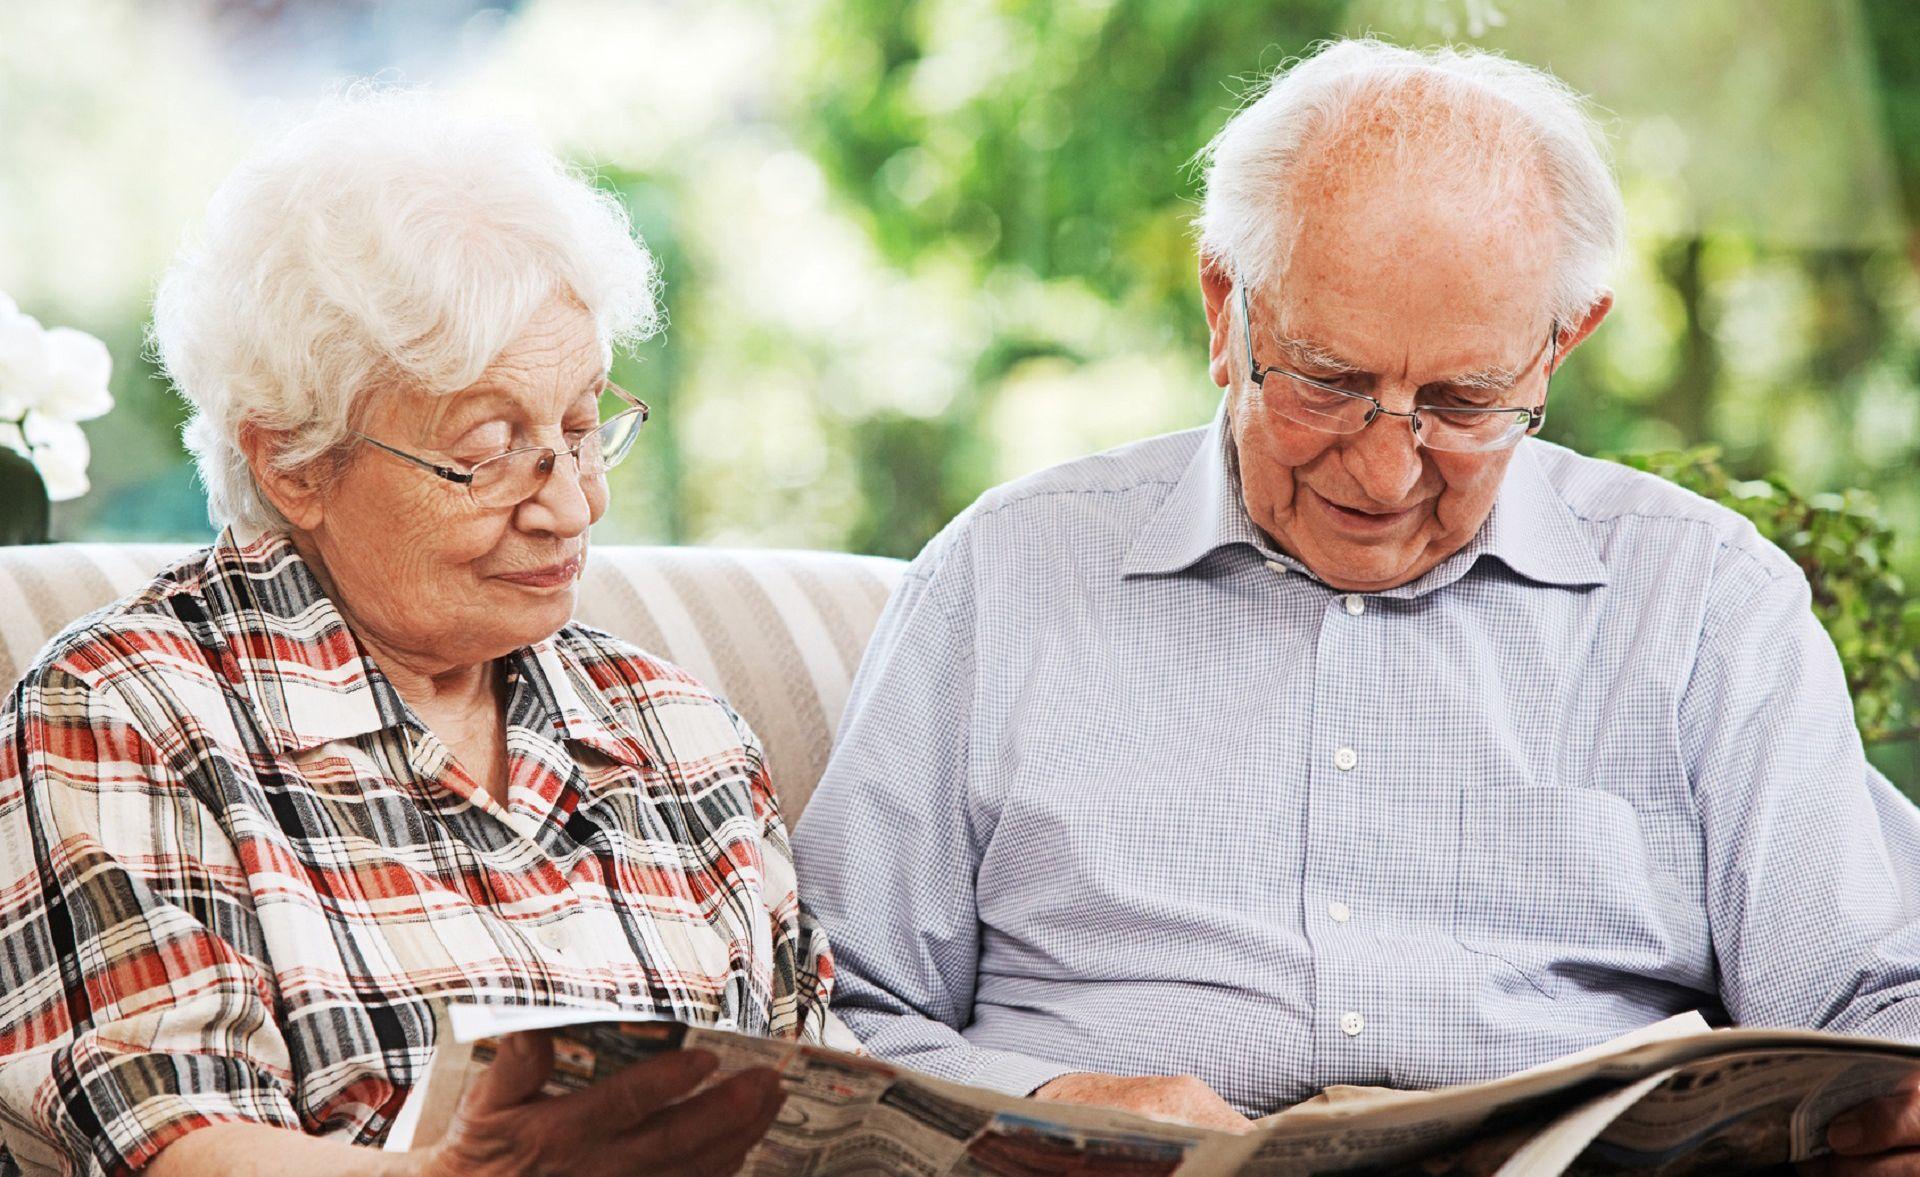 картинки стариков пожилых людей вас есть